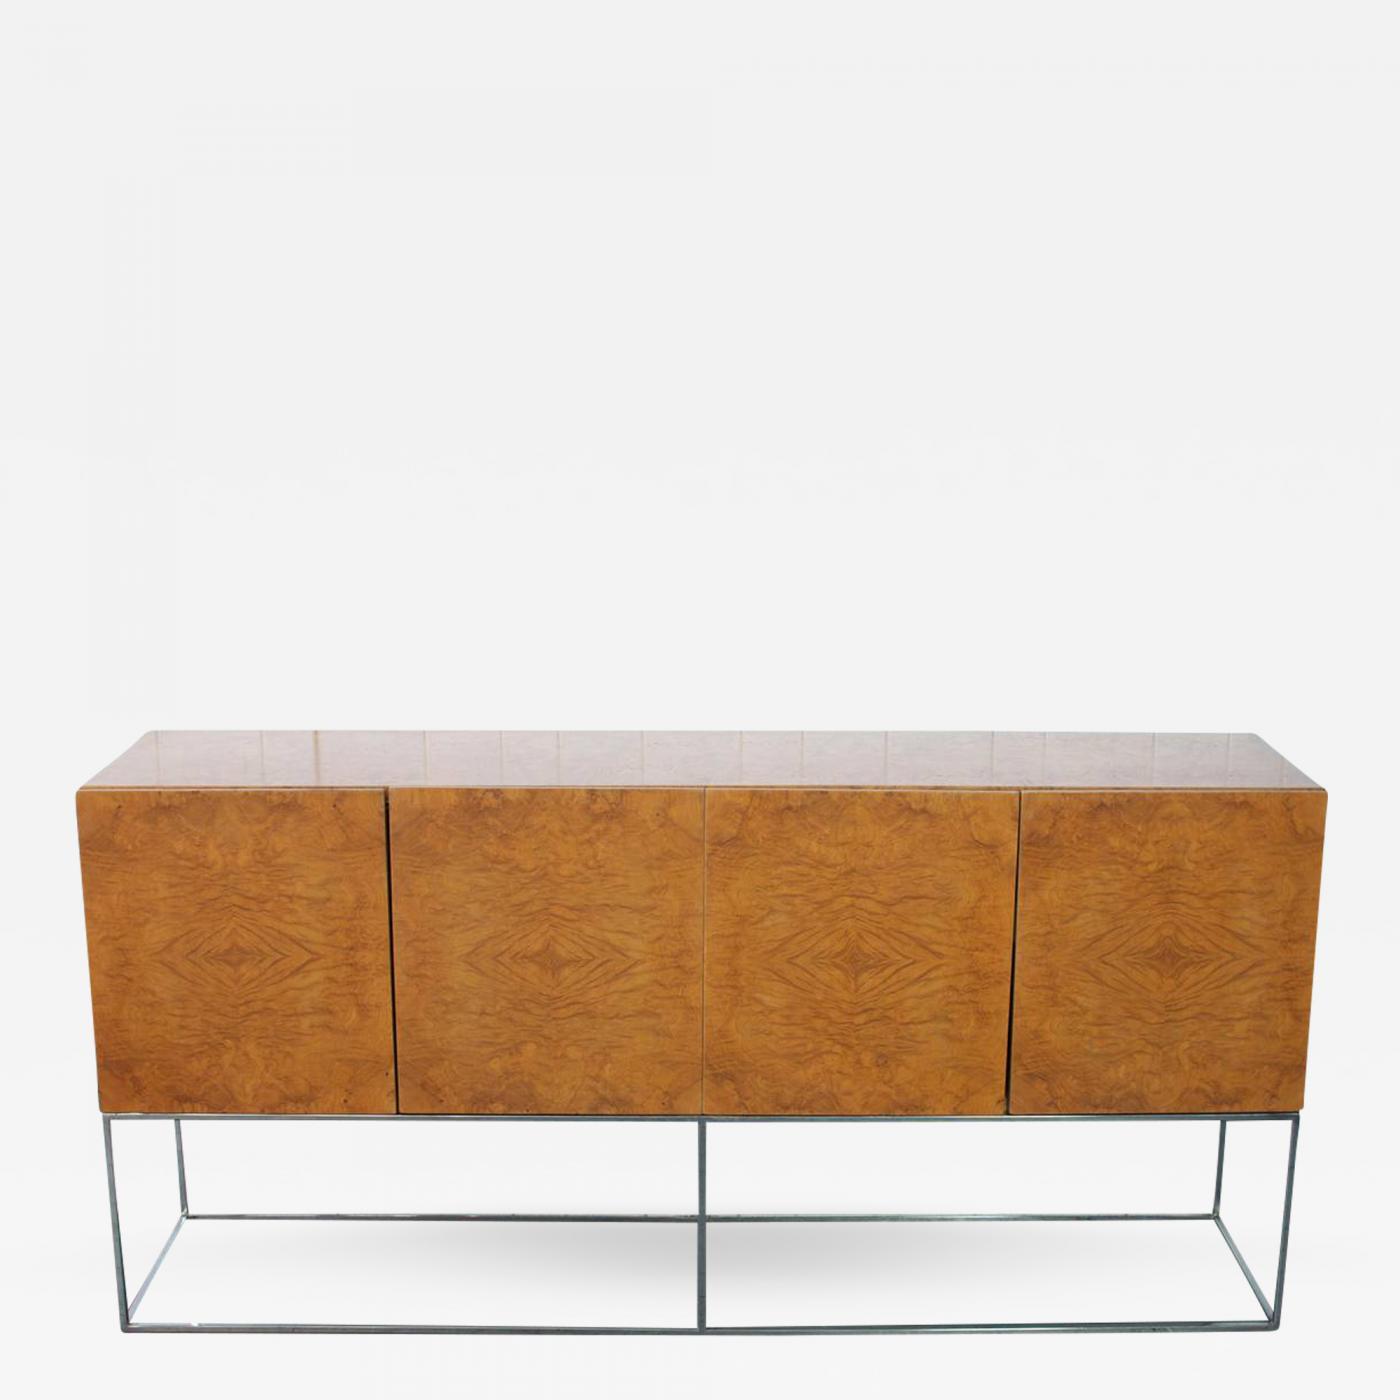 Listings / Furniture / Case Pieces U0026 Storage / Cabinets · Milo Baughman  Milo Baughman Burl Wood Cabinet